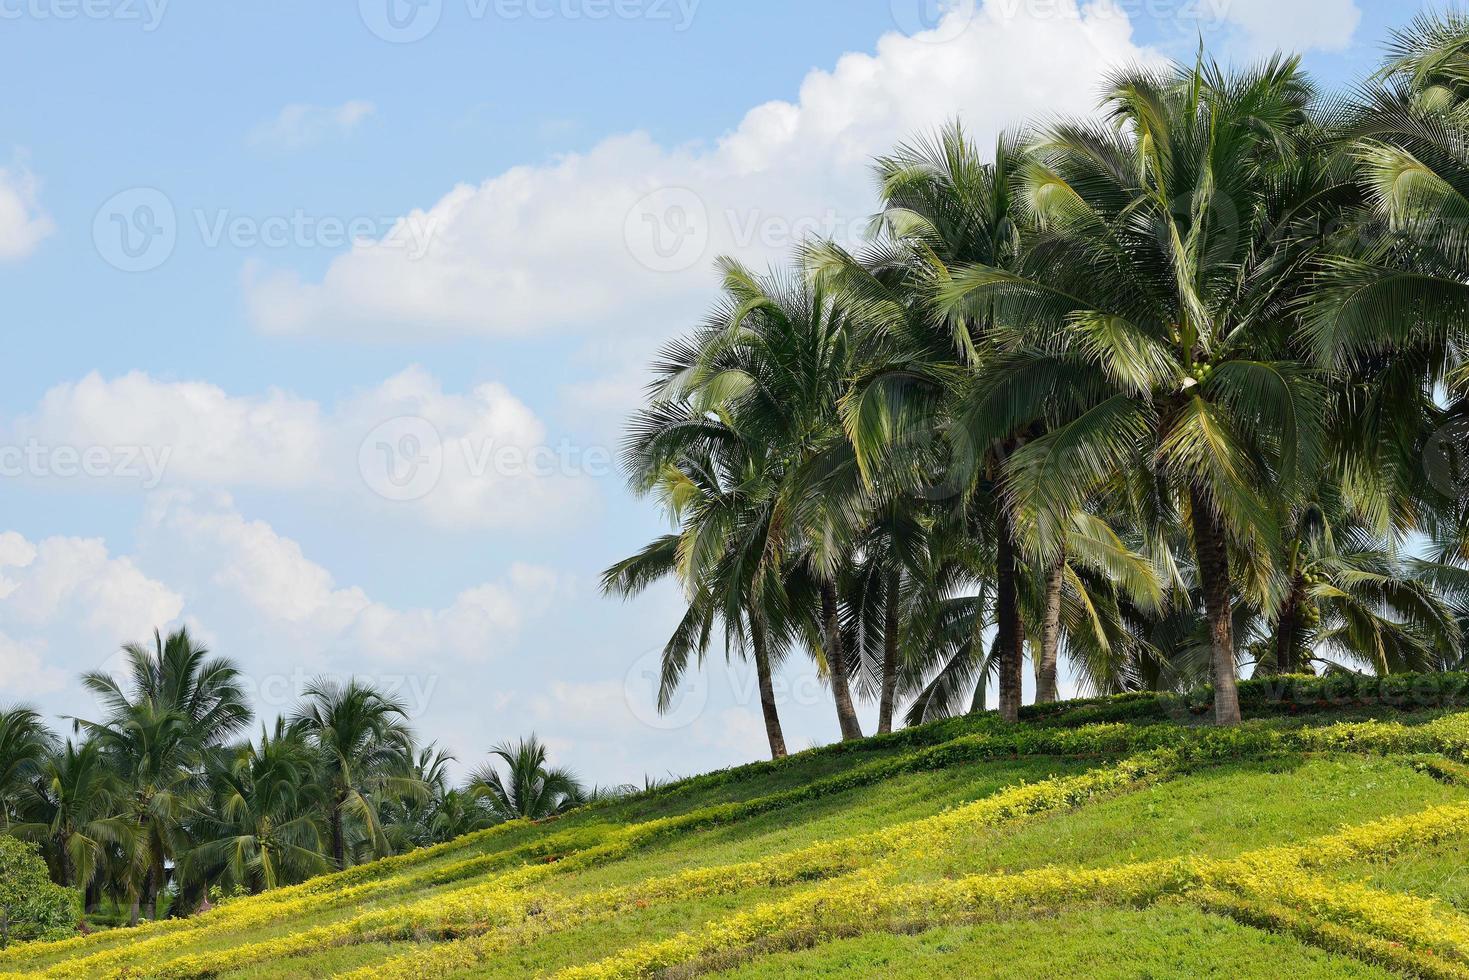 palmeras de coco bajo cielo azul foto